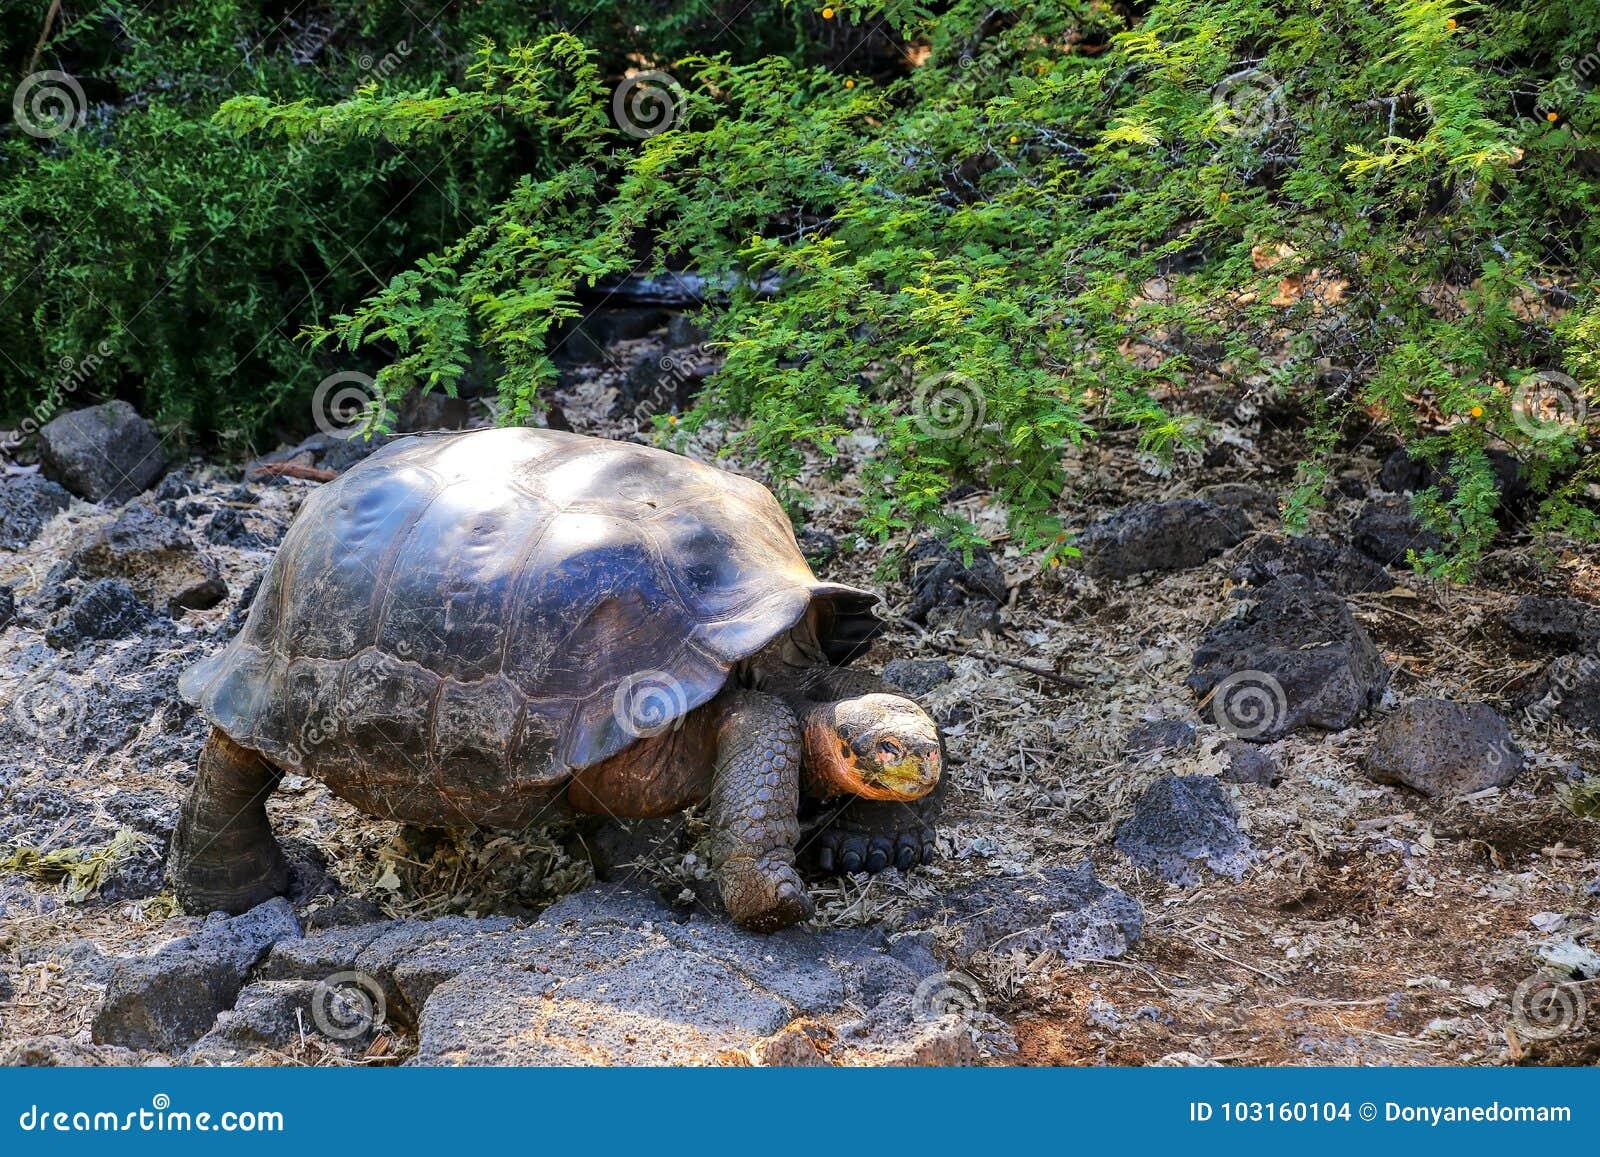 Galapagos-Riesenschildkröte bei Charles Darwin Research Station auf S